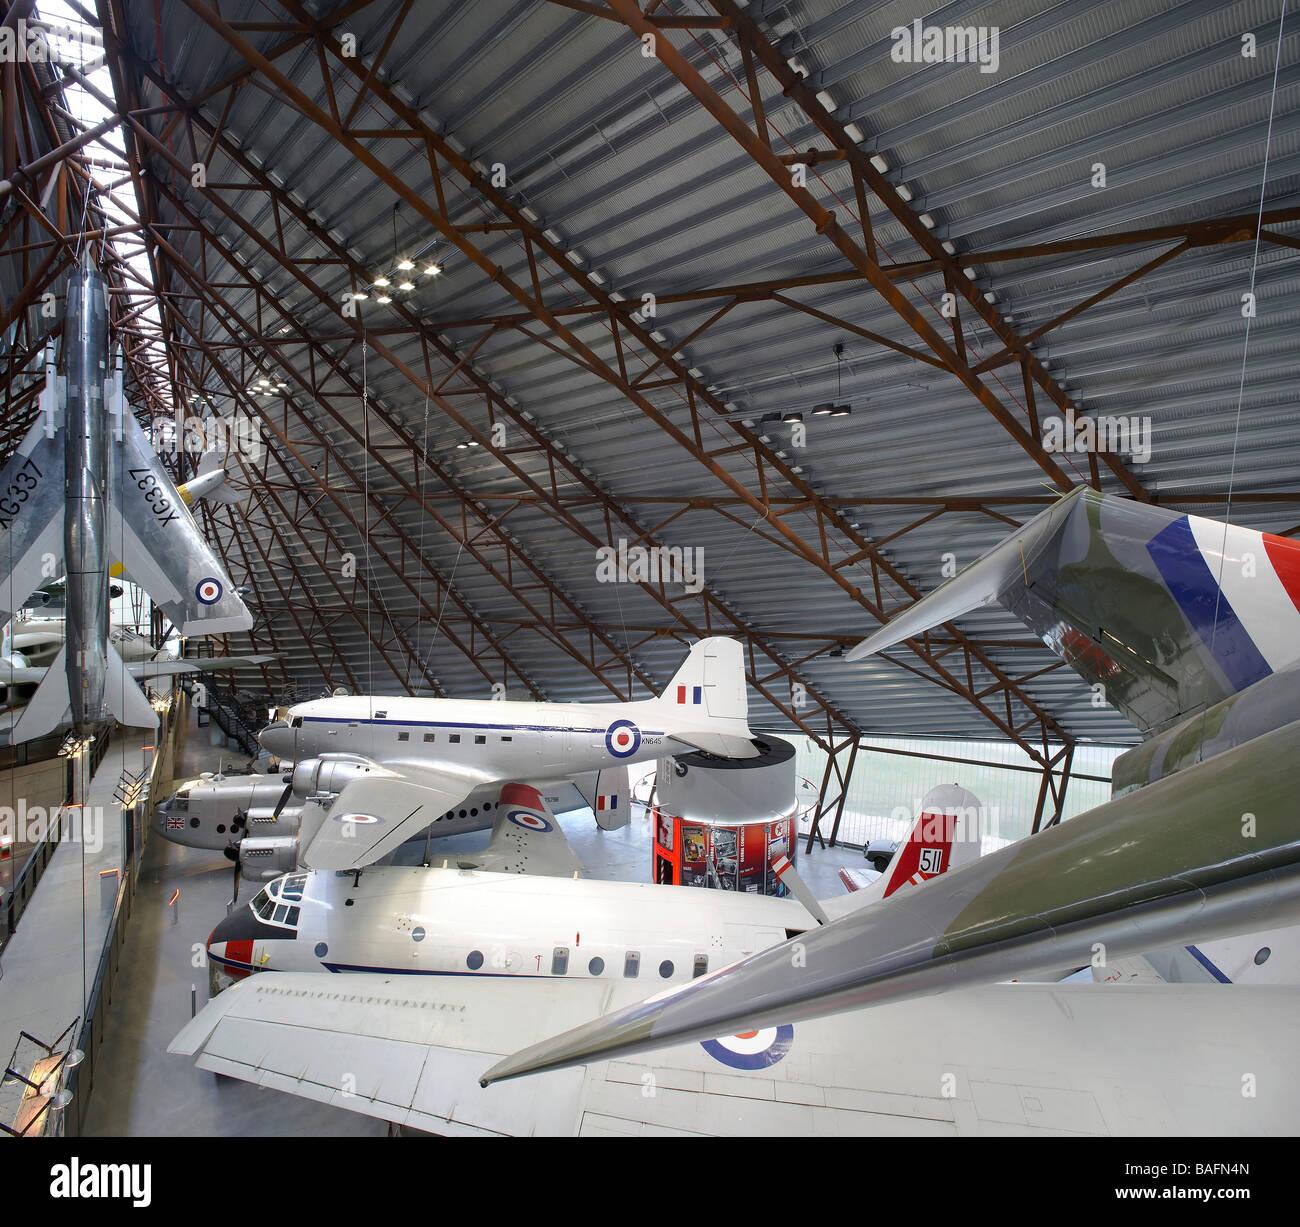 Exposición Nacional de Guerra Fría, Telford, Reino Unido, 2007 Imagen De Stock